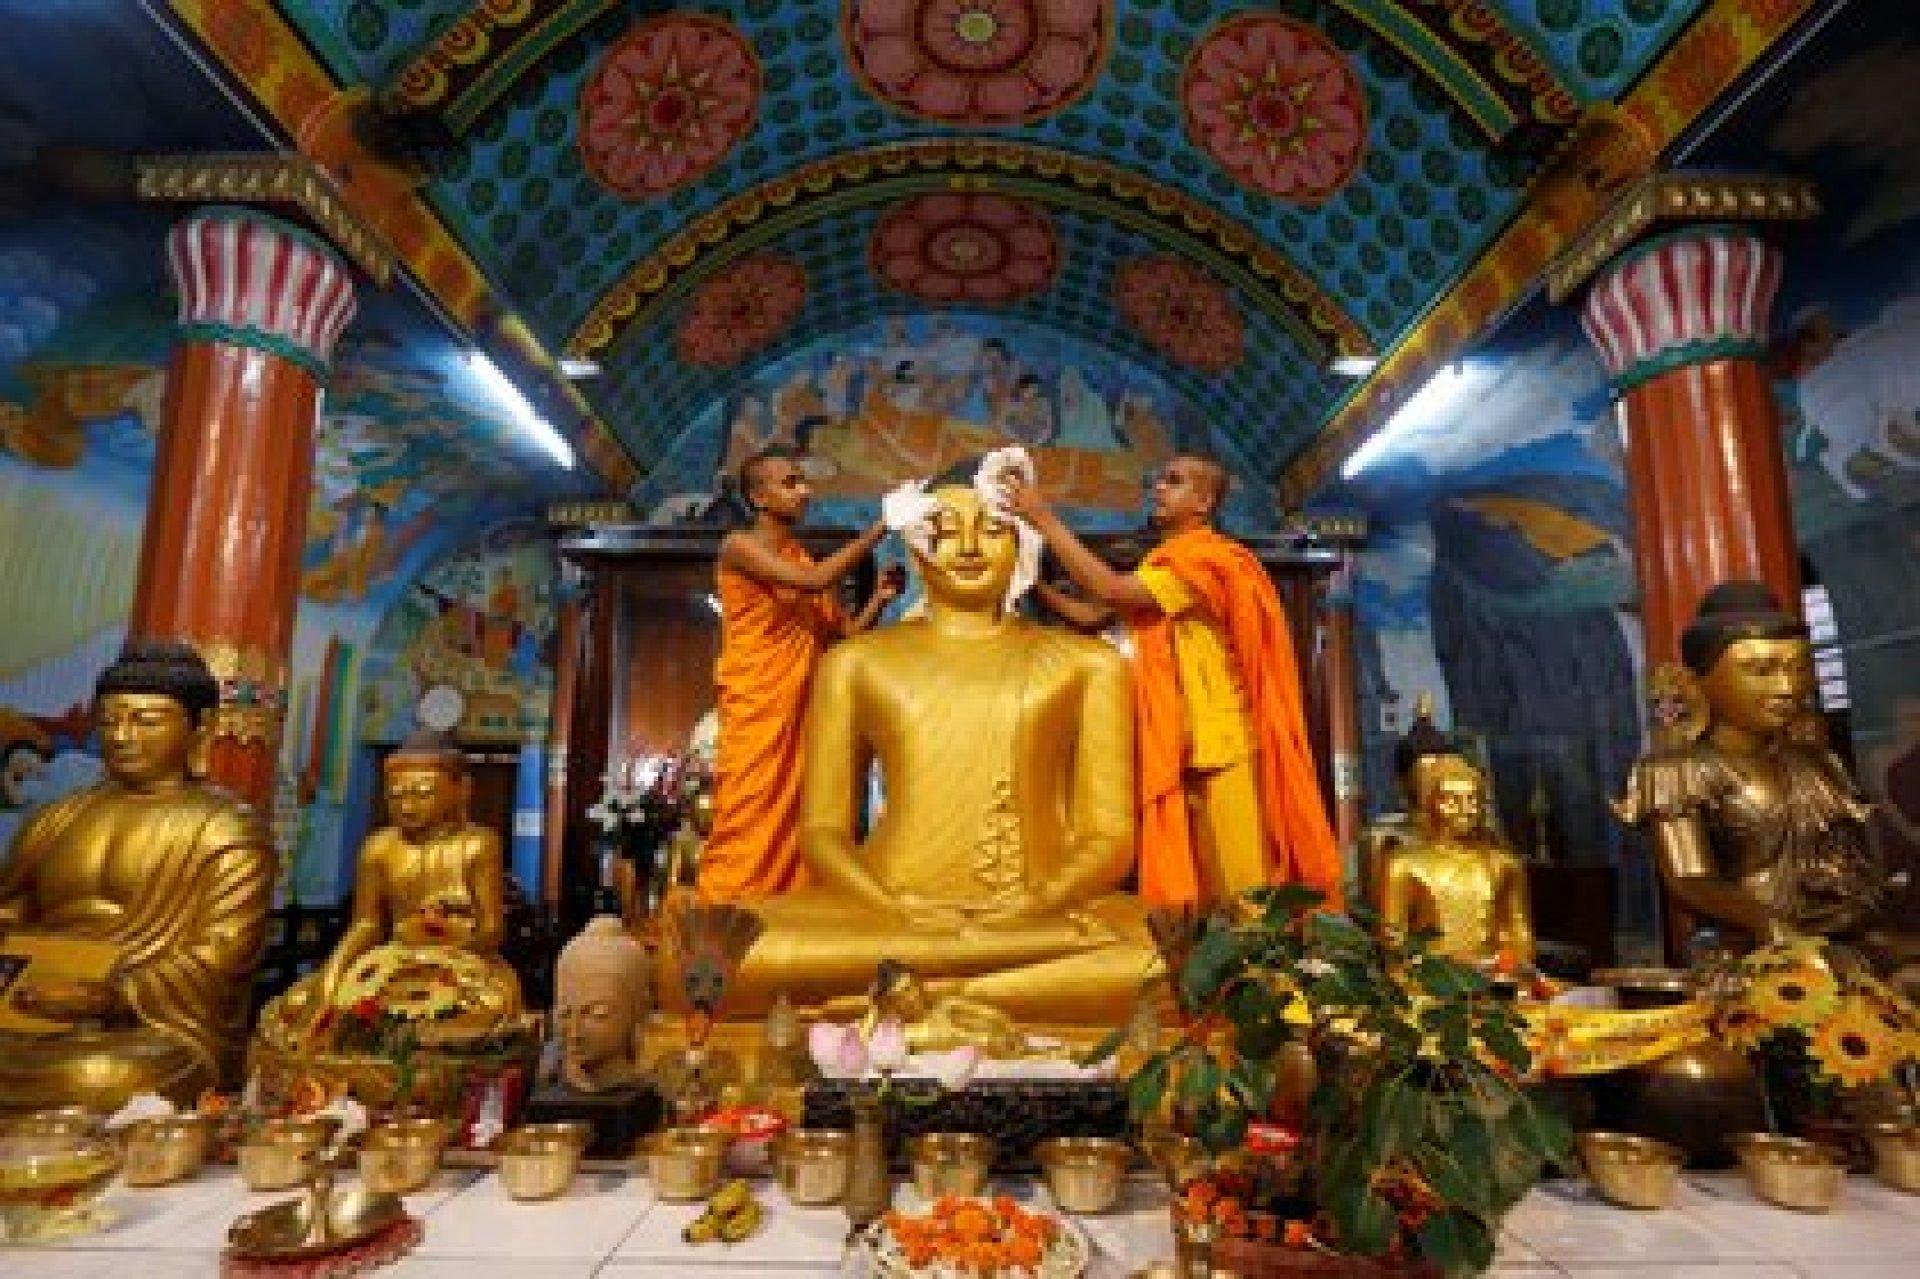 Monjes budistas limpian la estatua del Buda dentro de un templo en preparación para el Día de Vesak en Kolkata, India el 9 de mayo de 2017. (Reuters)